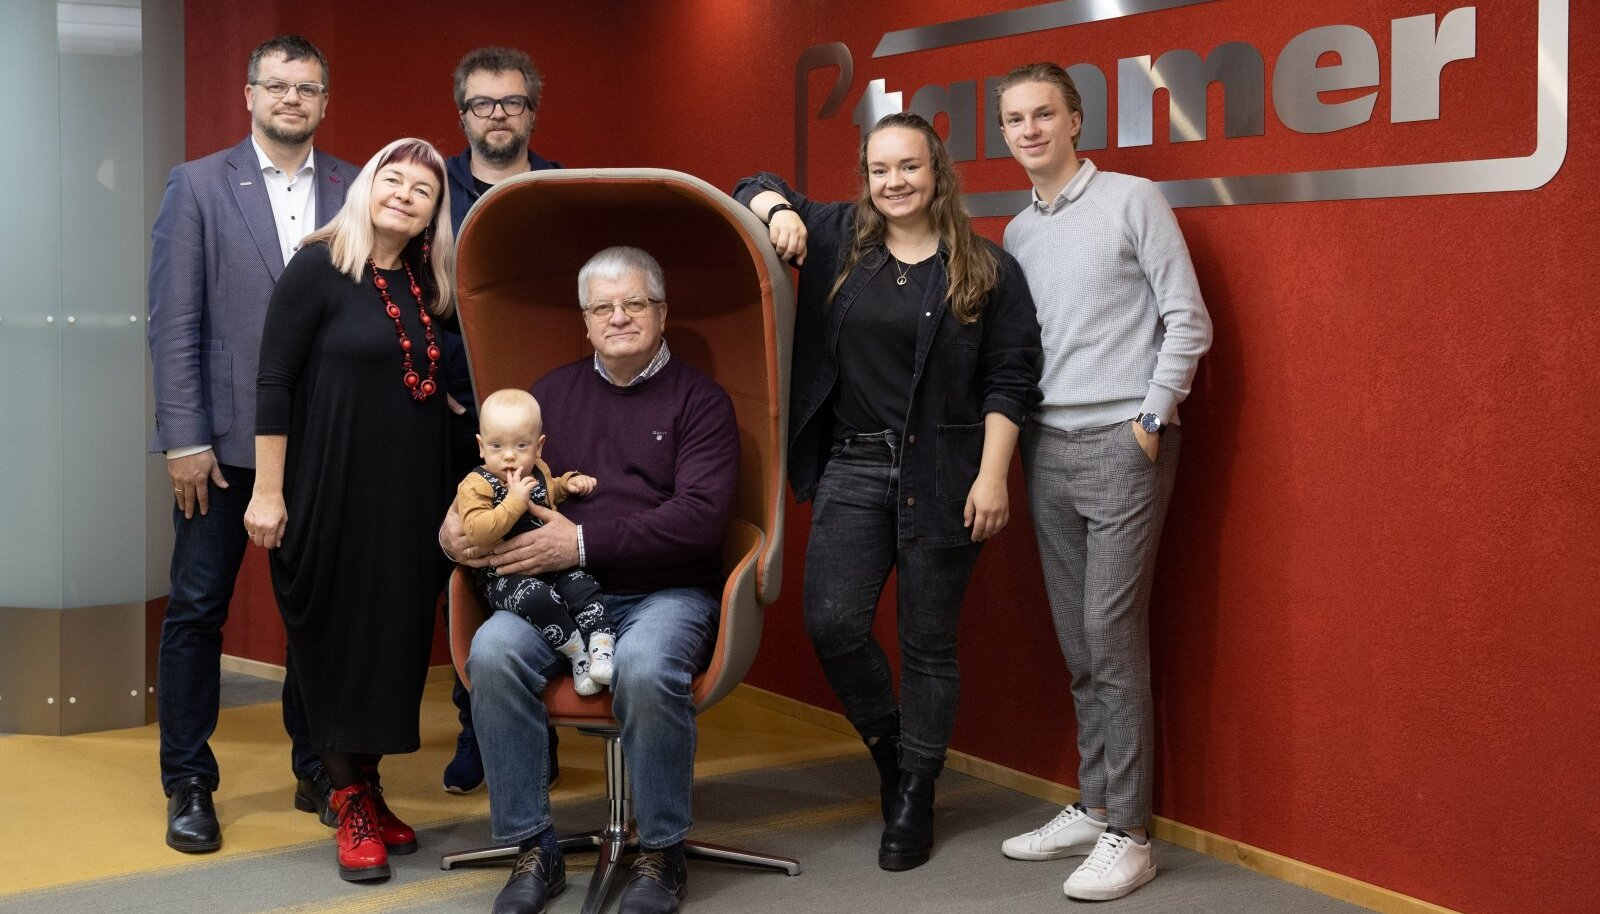 Neli põlvkonda. Vasakul seisavad Anti, Einike, Herty, istuvad Raigo ja Sebastian, paremal seisavad Anete ja Siimeon Elias. See on vaid väike osa kogu perest.